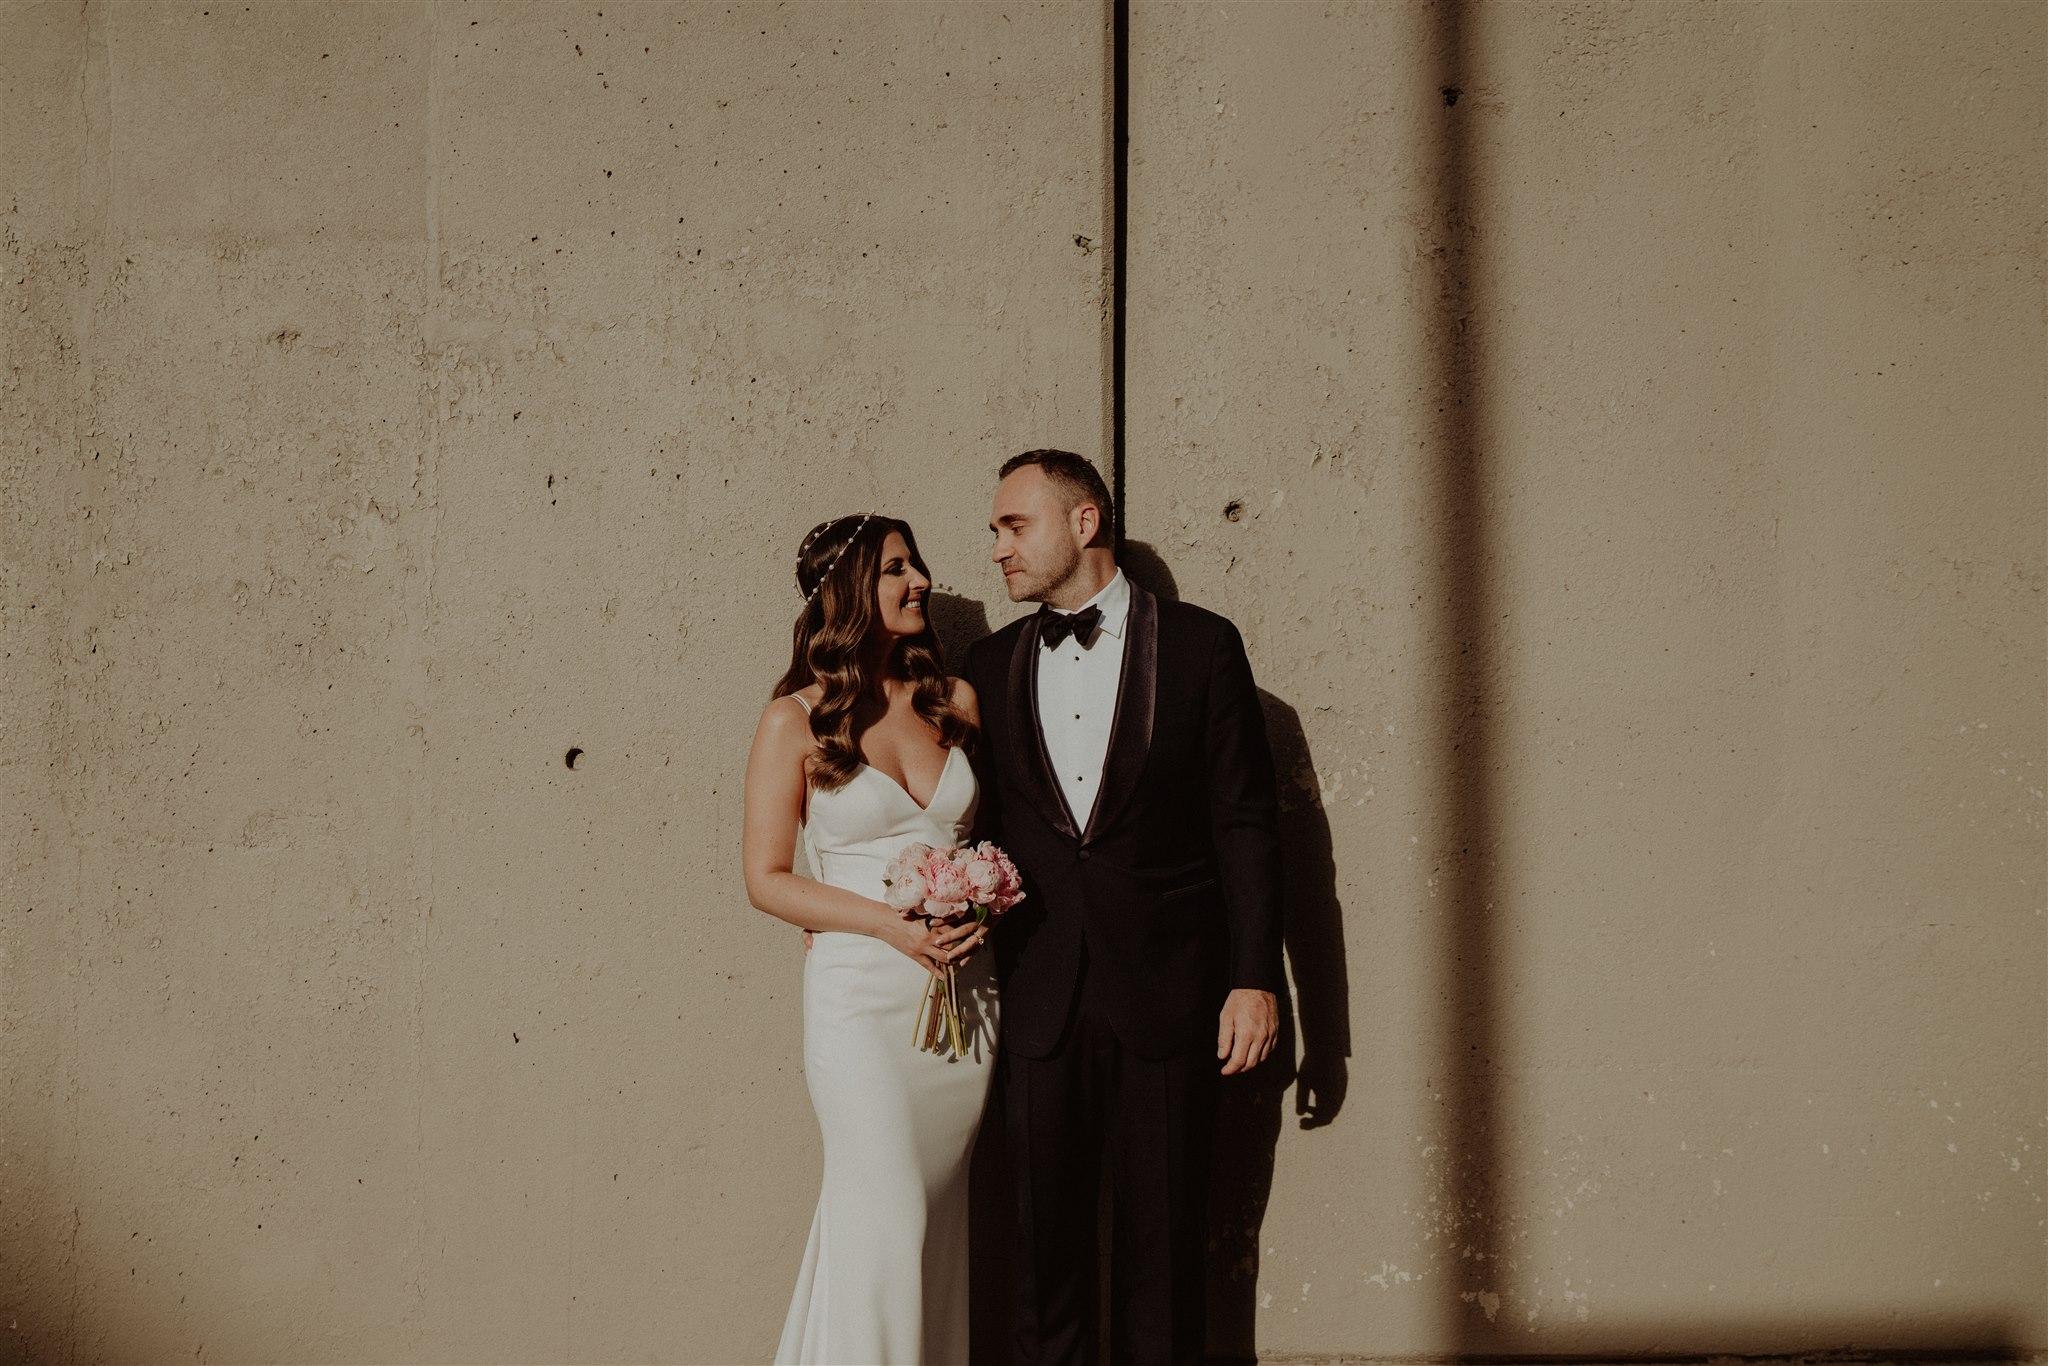 Chellise_Michael_Photography_Ramona_Brooklyn_Wedding_Photographer-376.jpg